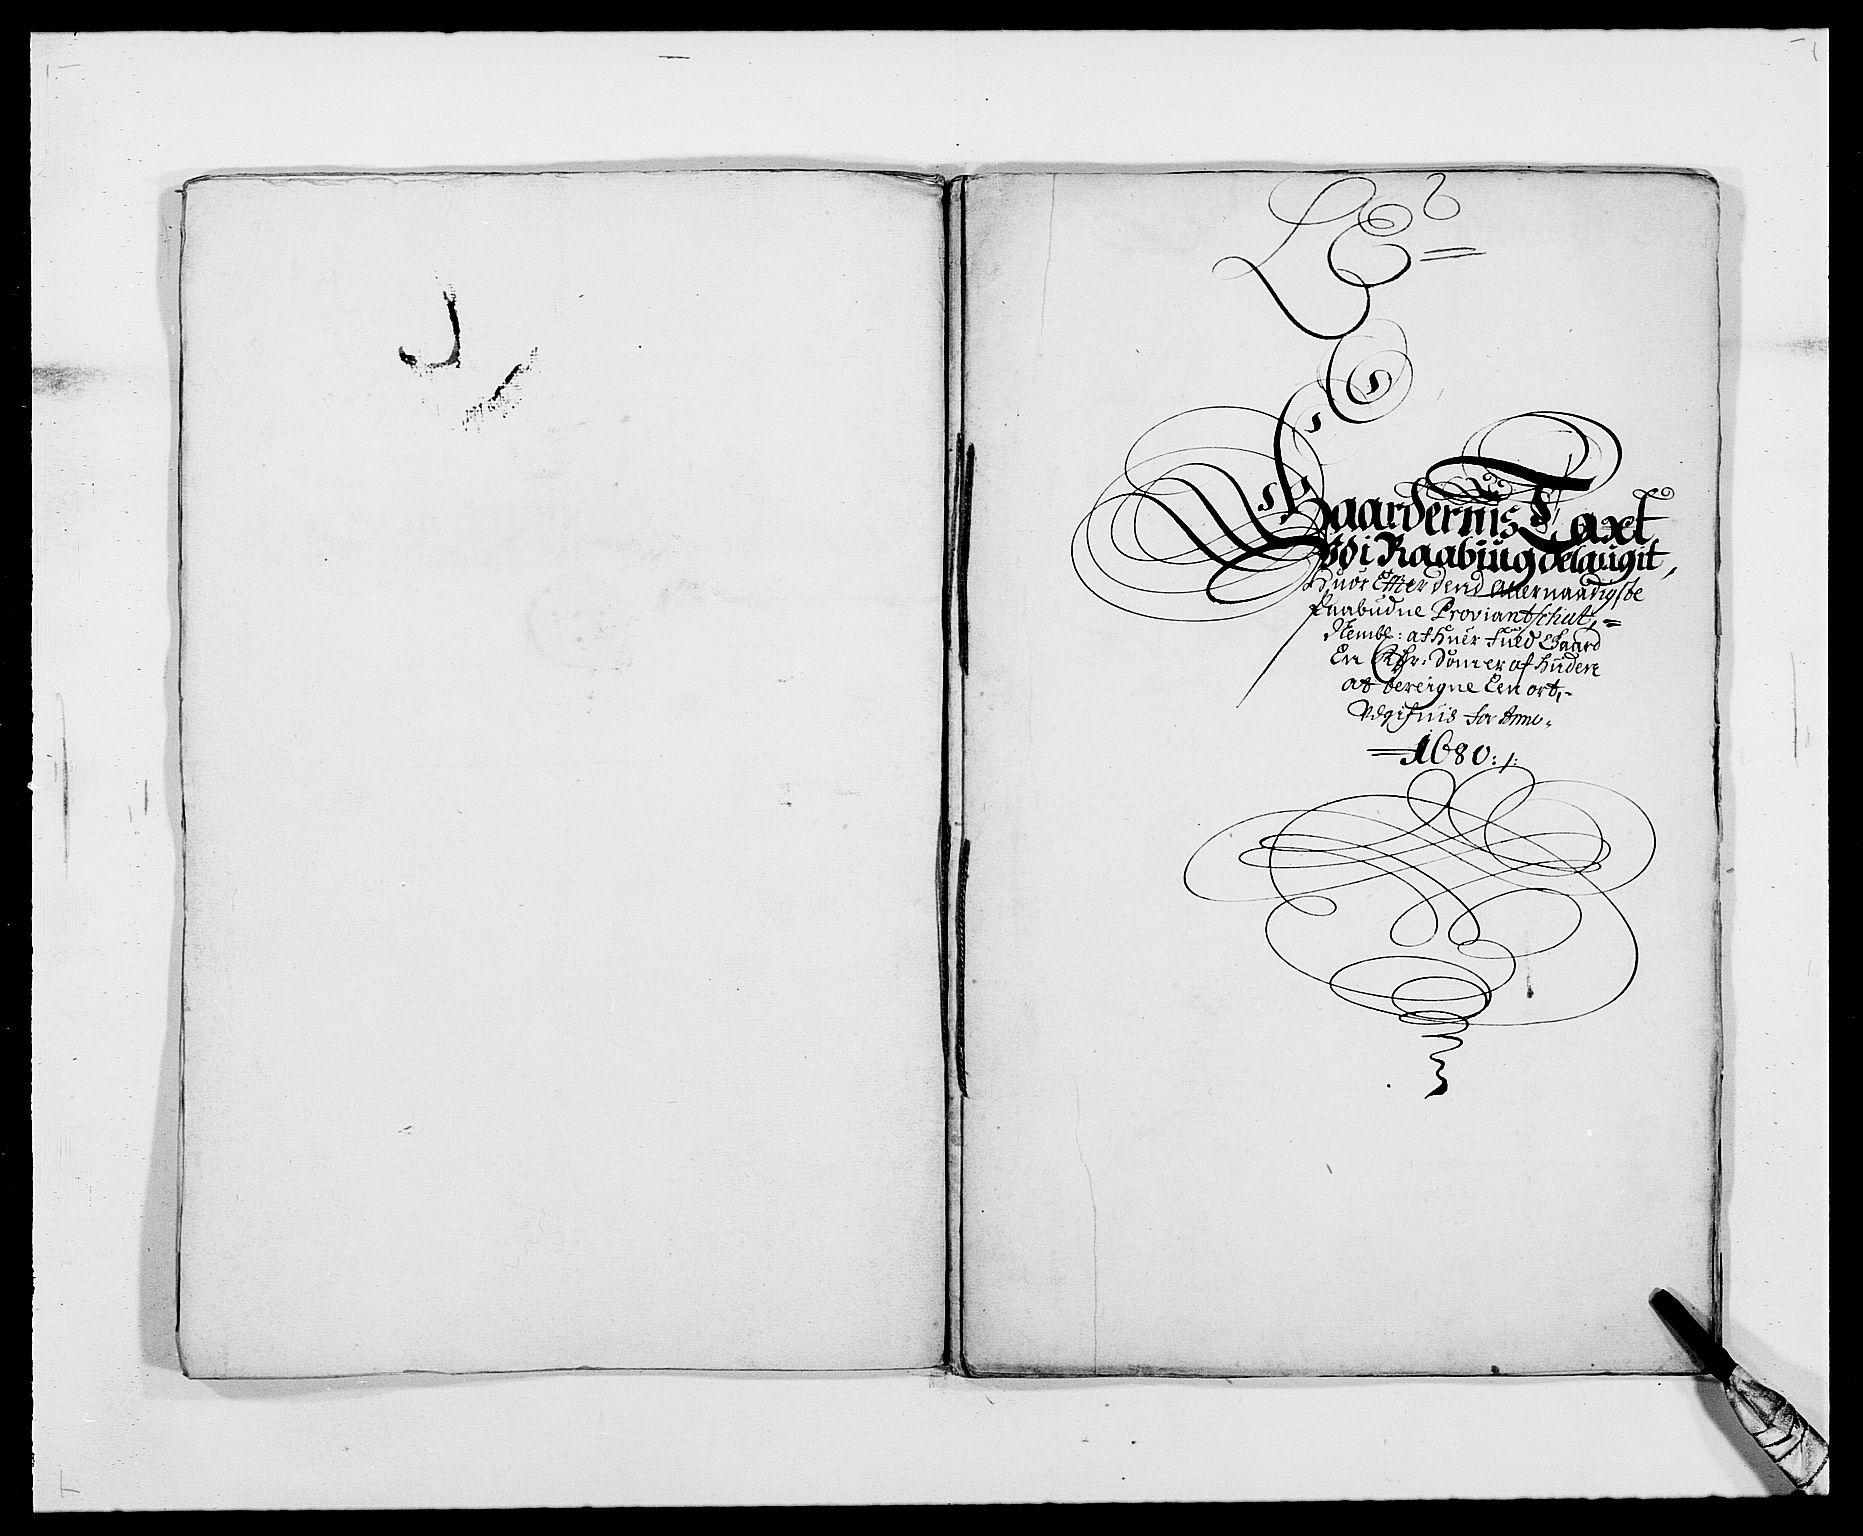 RA, Rentekammeret inntil 1814, Reviderte regnskaper, Fogderegnskap, R40/L2436: Fogderegnskap Råbyggelag, 1679-1680, s. 253